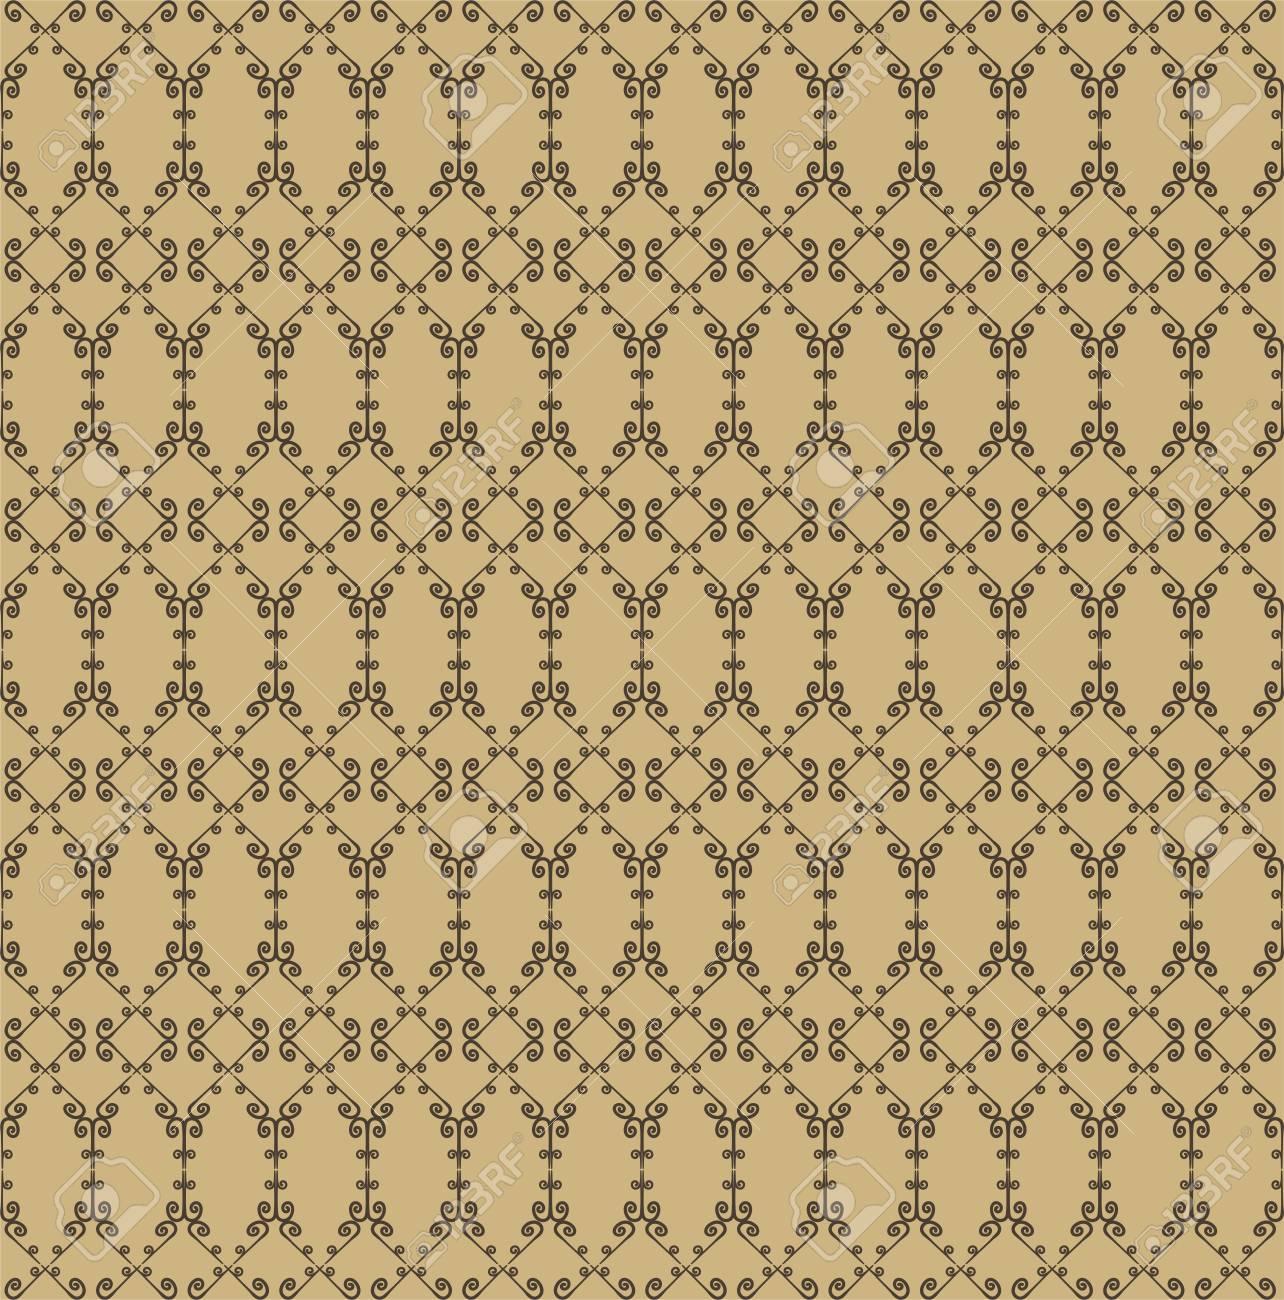 Ornamental Nahtlose Muster. Beige Und Braune Farben. Endless Vorlage Für  Tapeten, Textilien,